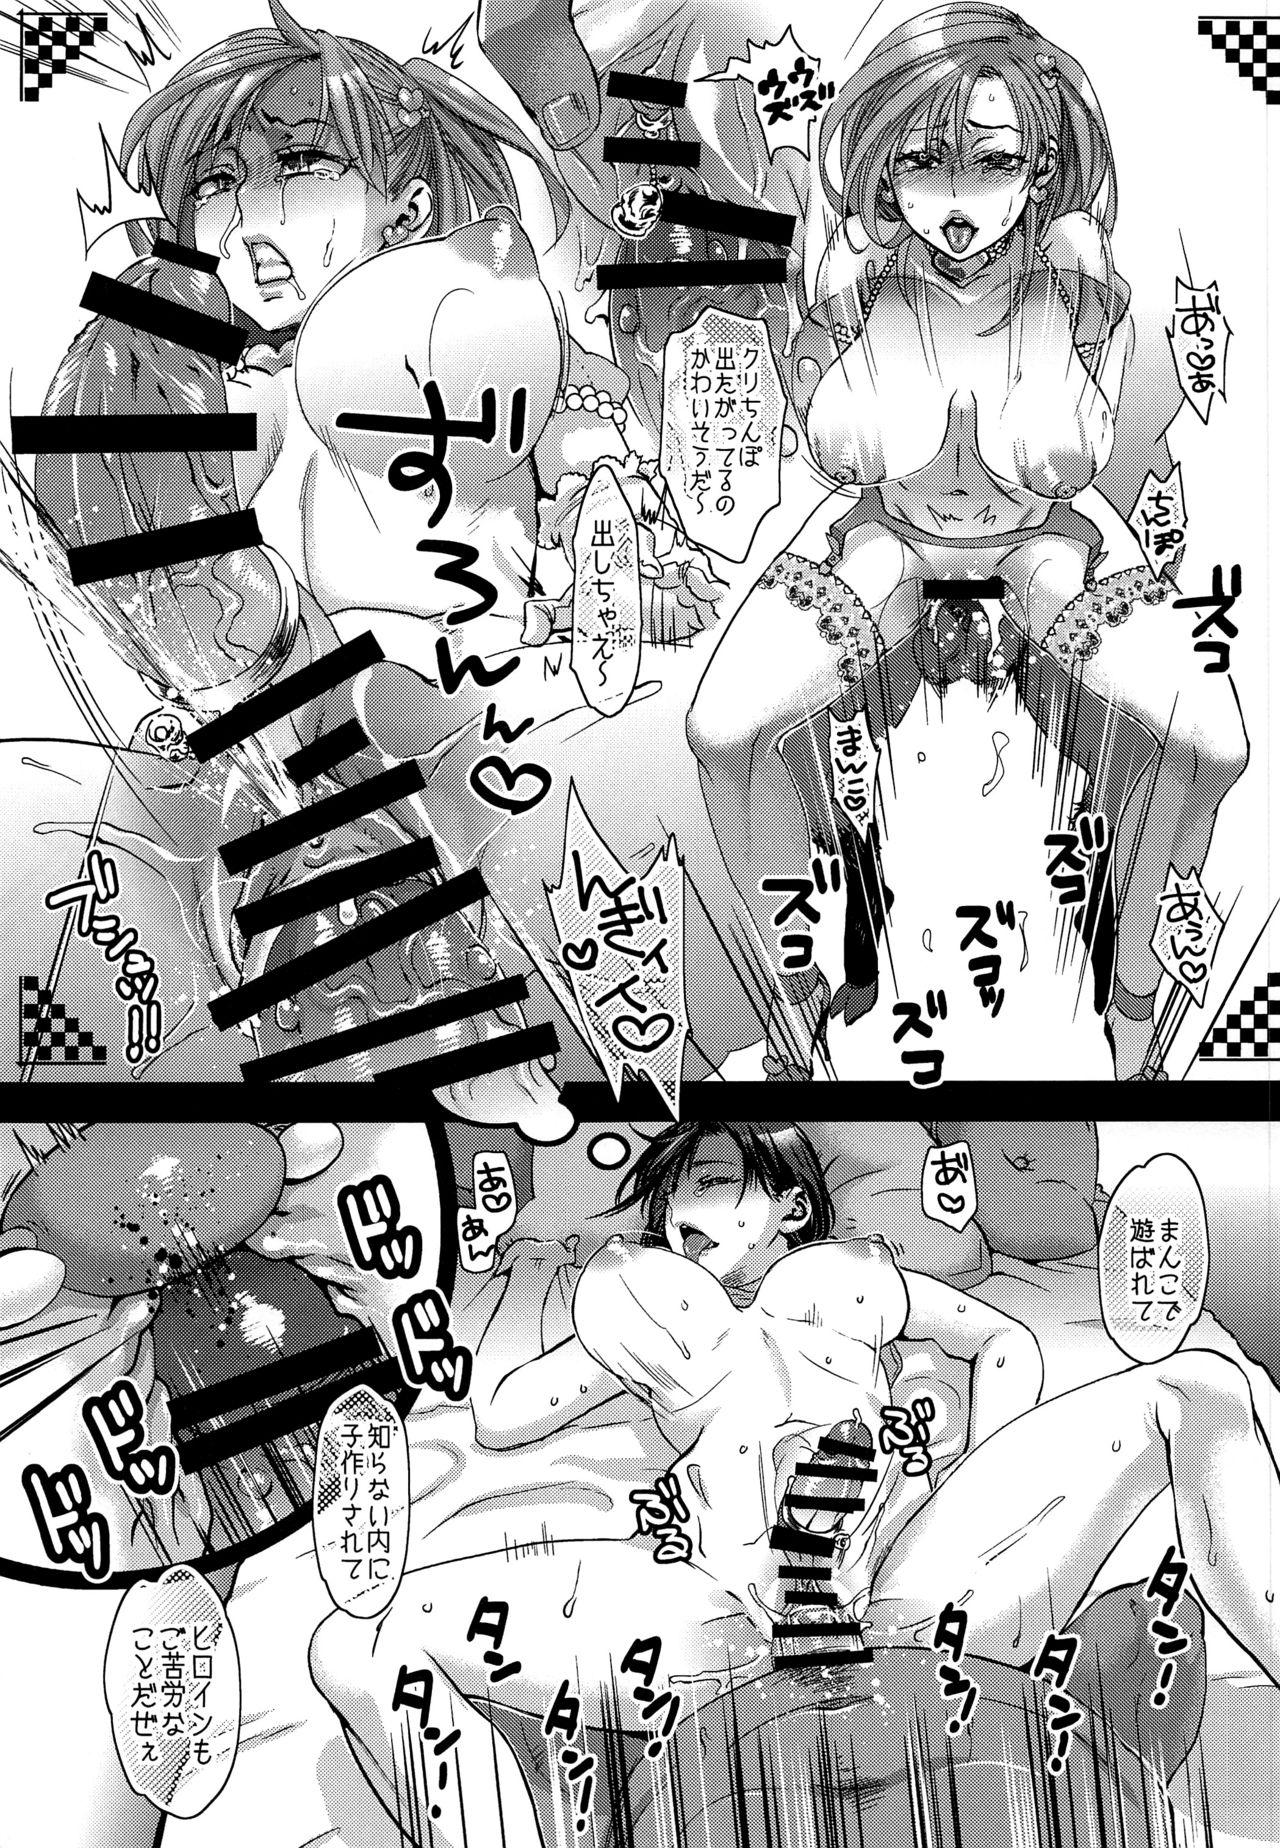 【エロ漫画・エロ同人】巨乳ヒロインが性獣と戦ってソッコー犯されてるwレイプされてるのを配信されて種付けセックスされちゃったwww (20)